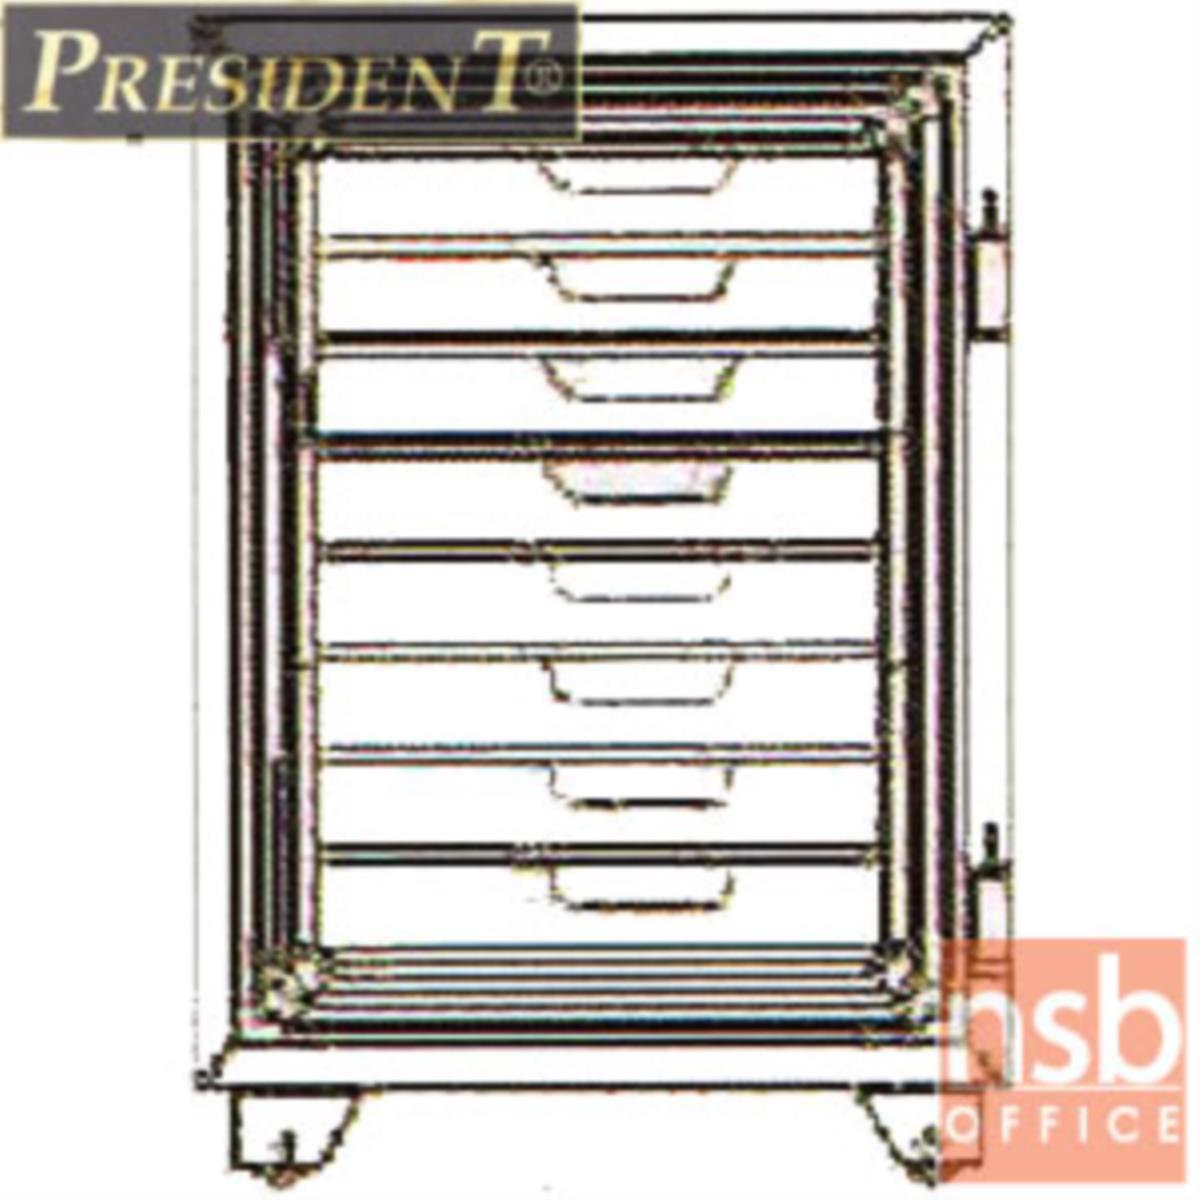 ตู้เซฟนิรภัยชนิดหมุน 105 กก. มีถาด 8 อัน  รุ่น PRESIDENT-SMT   มี 1 กุญแจ 1 รหัส (ใช้หมุนหน้าตู้)